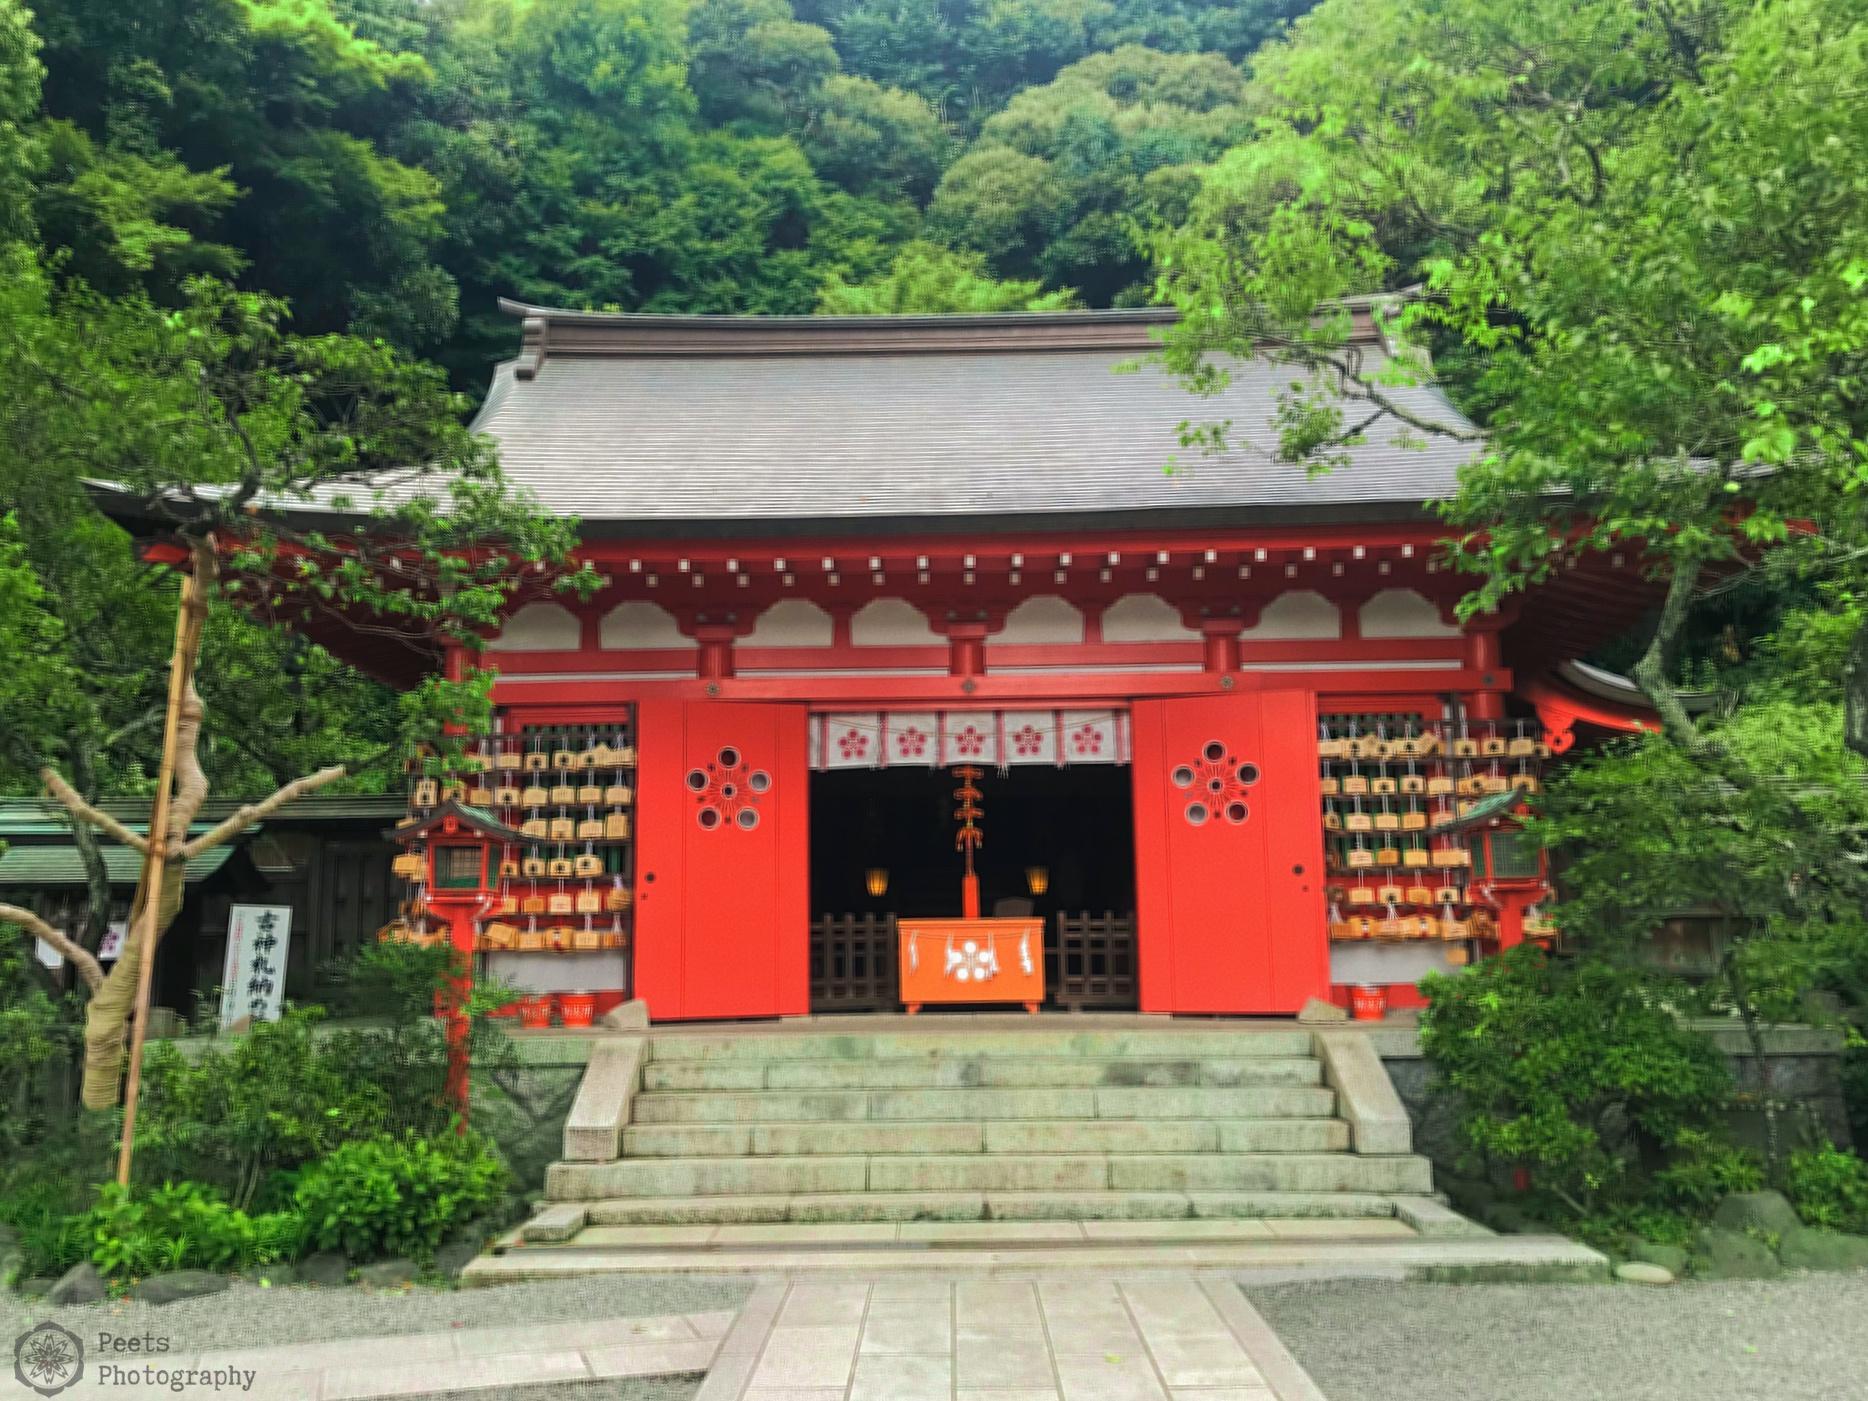 Picture of the Egara Tenjinsha shrine amidst trees